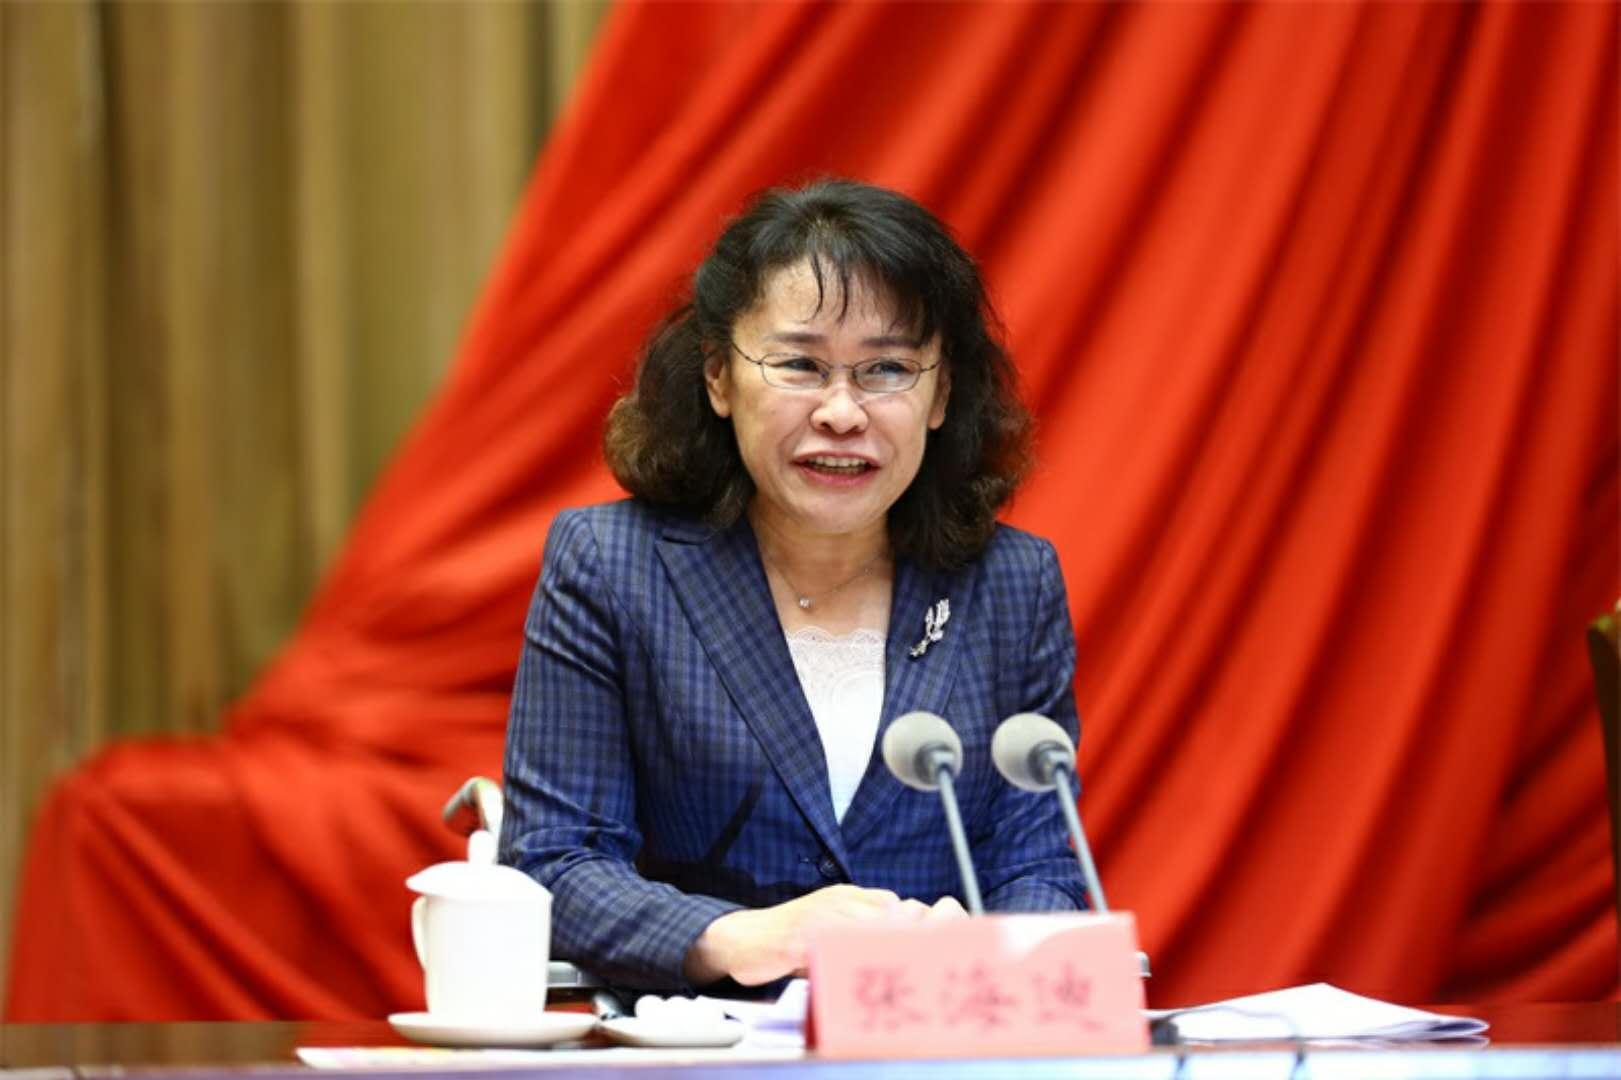 中国残联主席张海迪出席自治区残联第七次代表大会并讲话